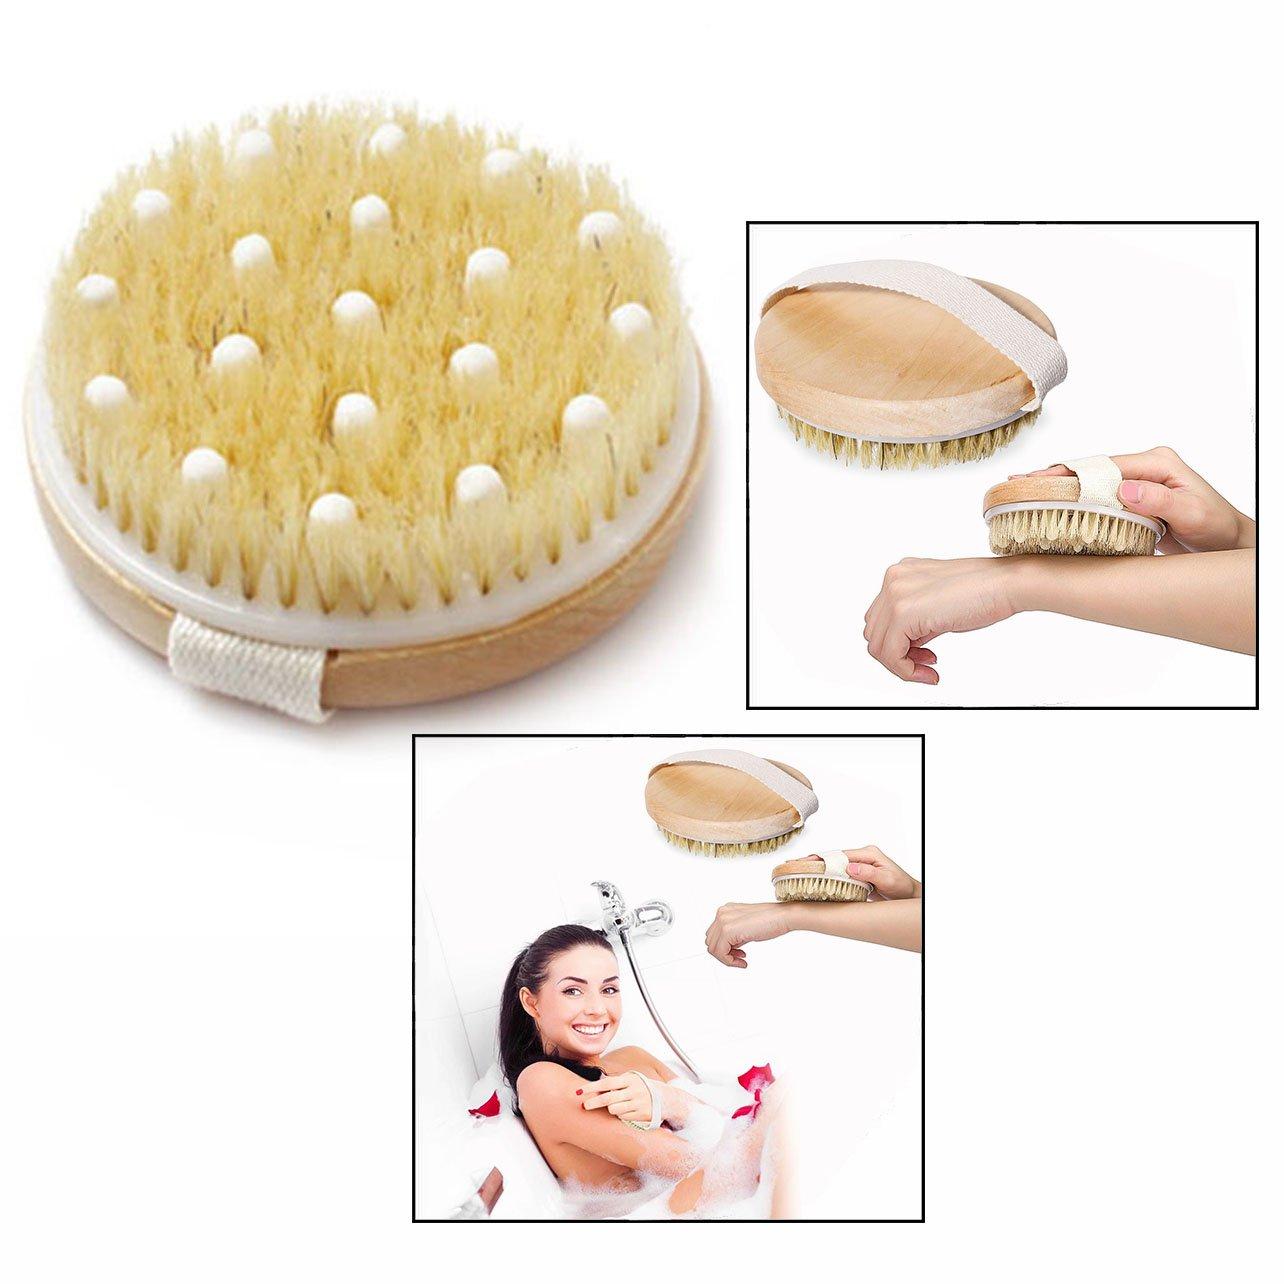 Cisixin Badebürste Aus Naturborsten und Holz, Massagebürste Bad Körperbürste